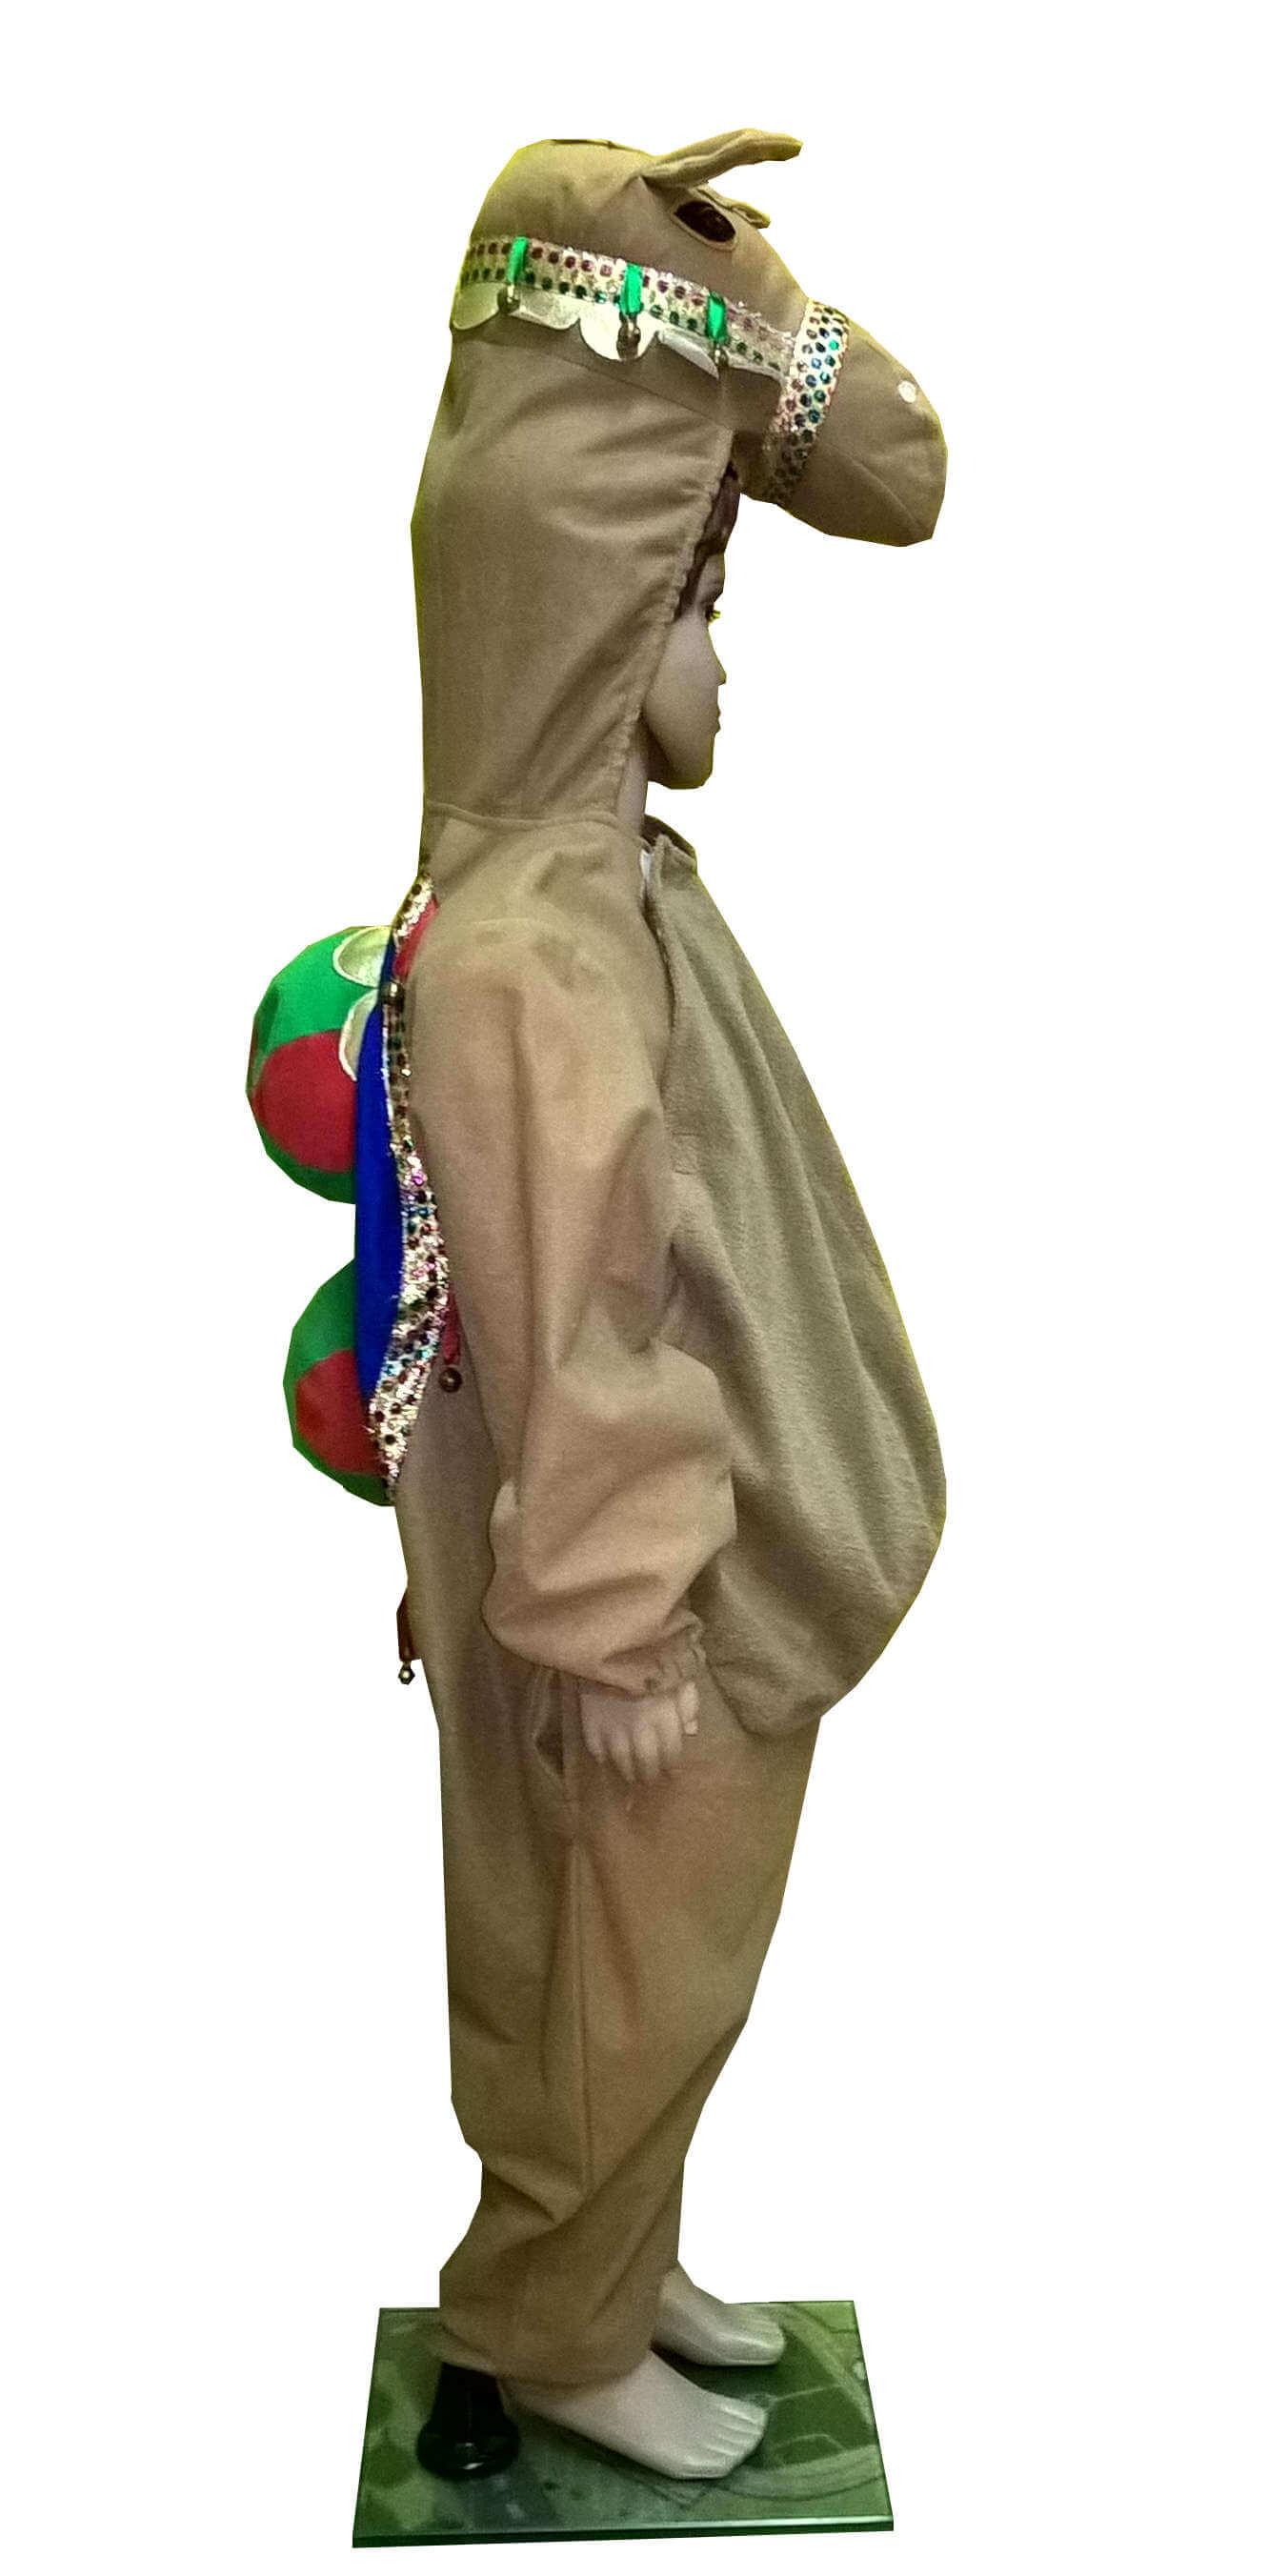 костюм верблюда. Kupranugario kostiumas. Gyvunų karnavaliniai kostiumai. Karnavaliniu kostiumu nuoma vaikams Vilniuje - pasakunamai.lt